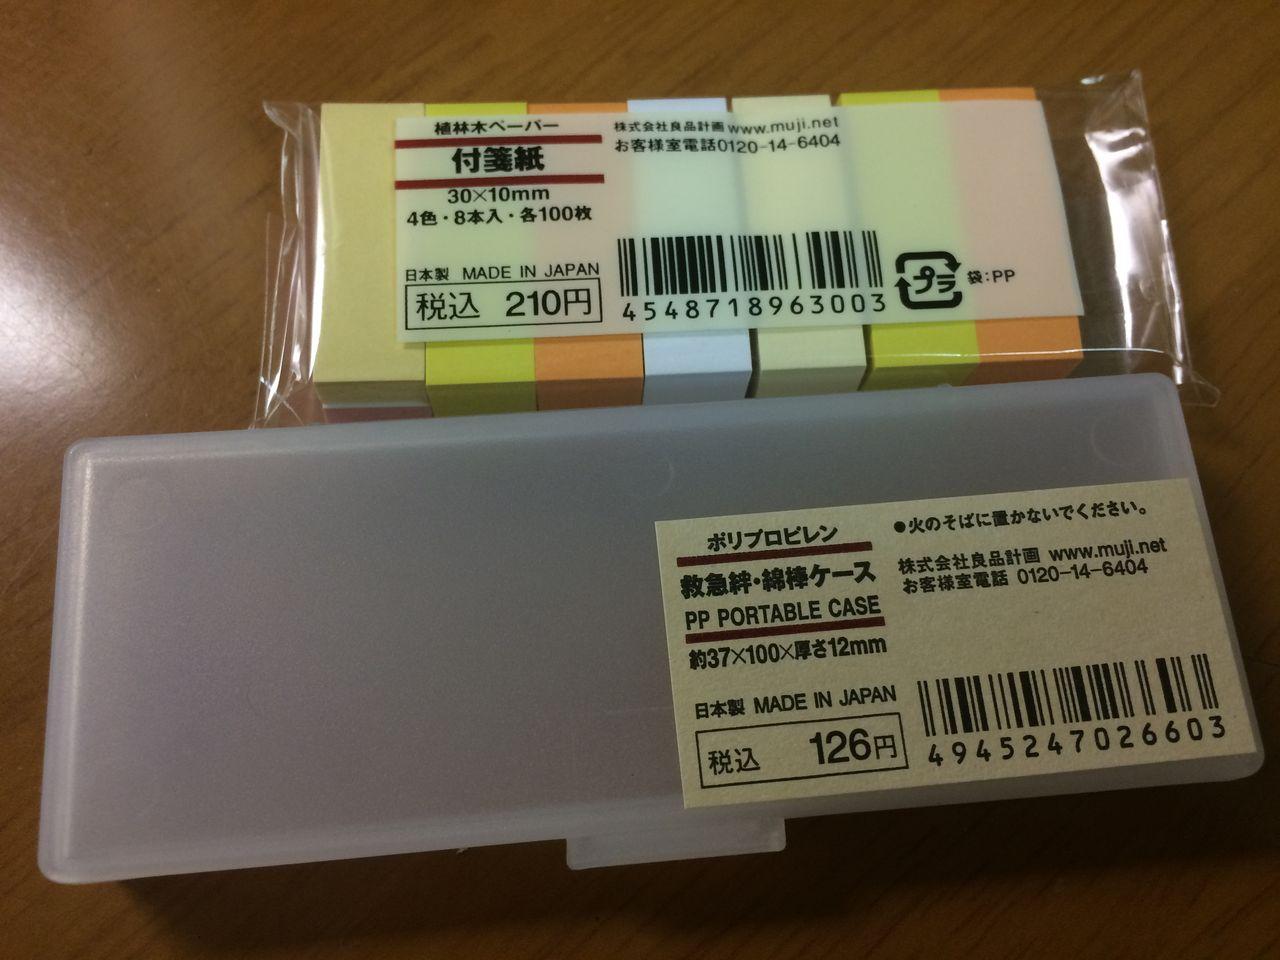 付箋:植林木ペーパー 付箋紙 30×10mm ケース:ポリプロピレン 救急絆・綿棒ケース